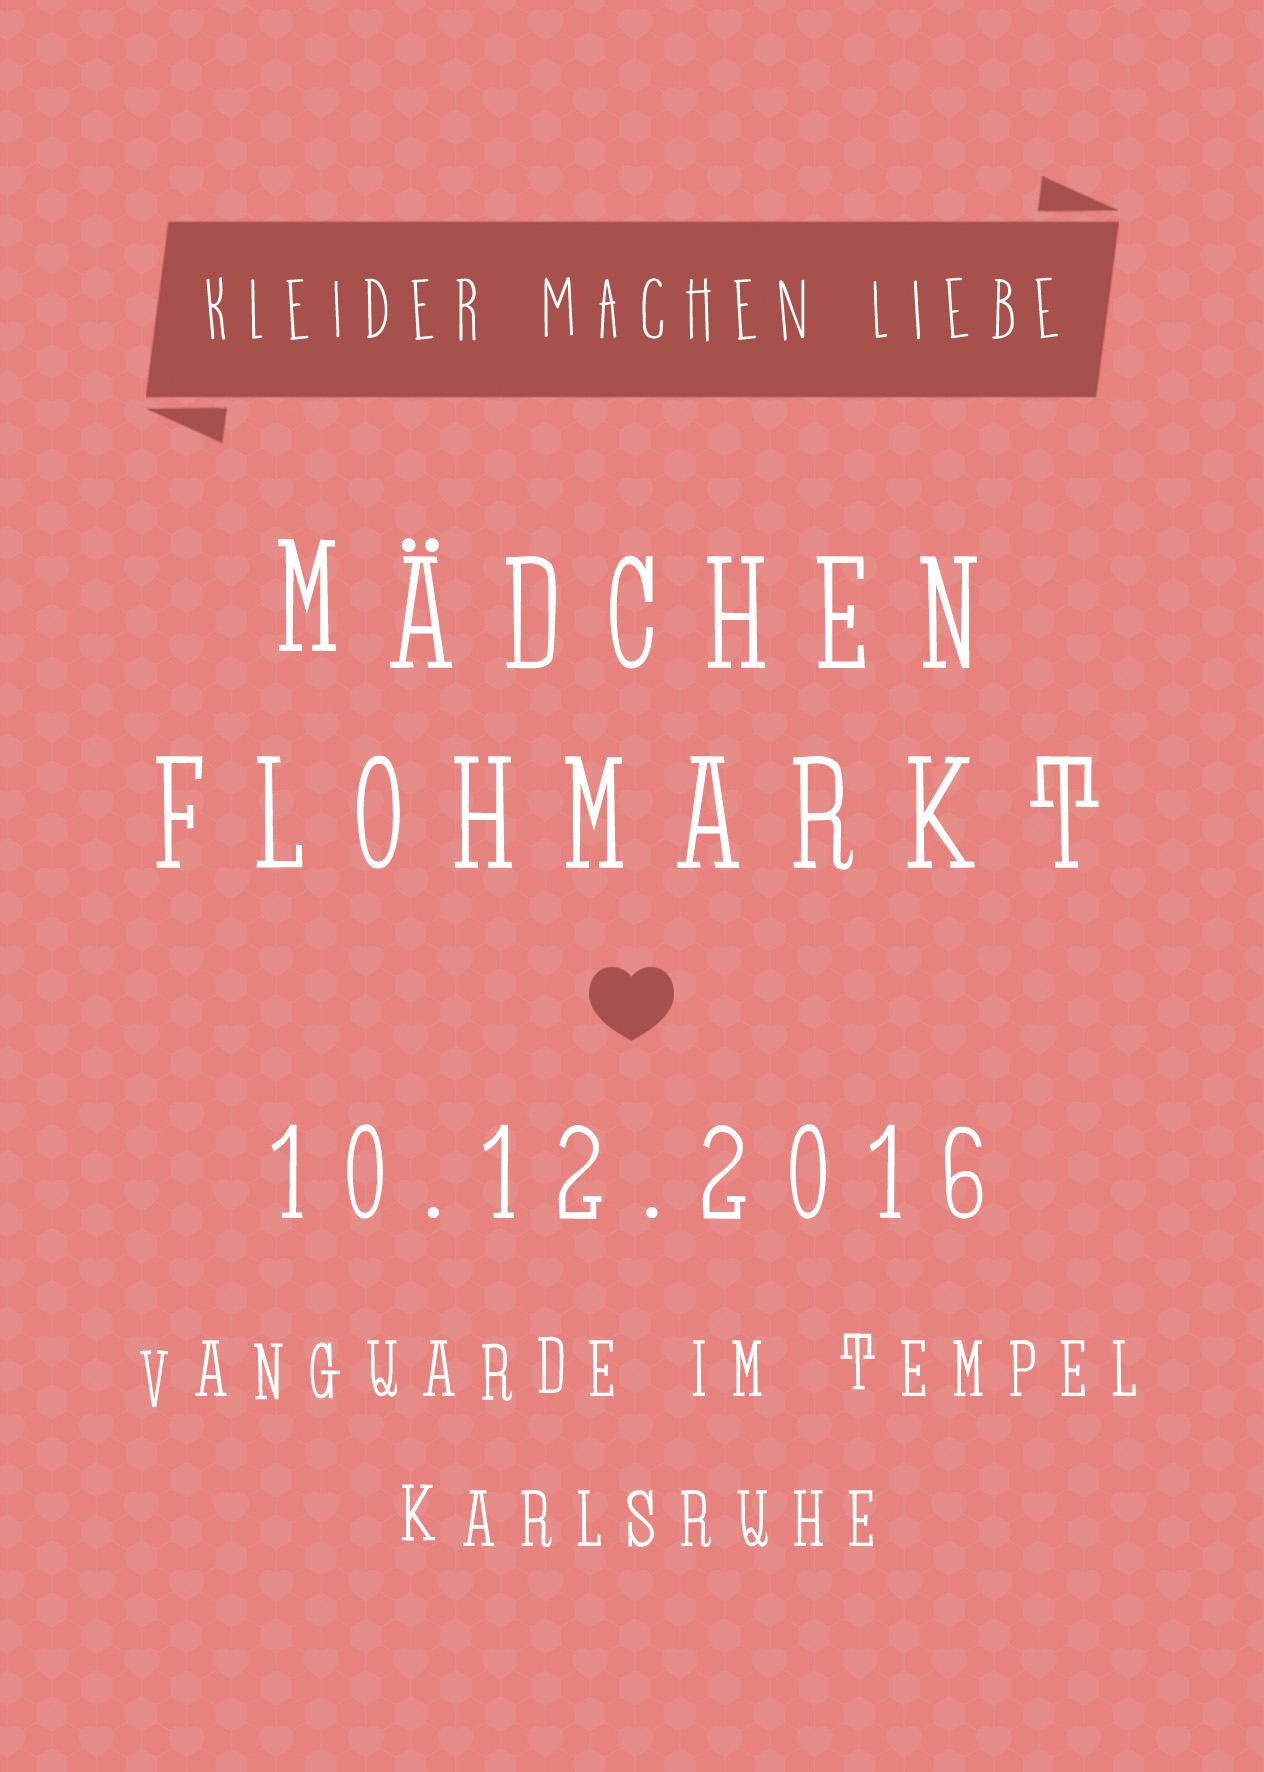 10.12.2016 | Mädchenflohmarkt